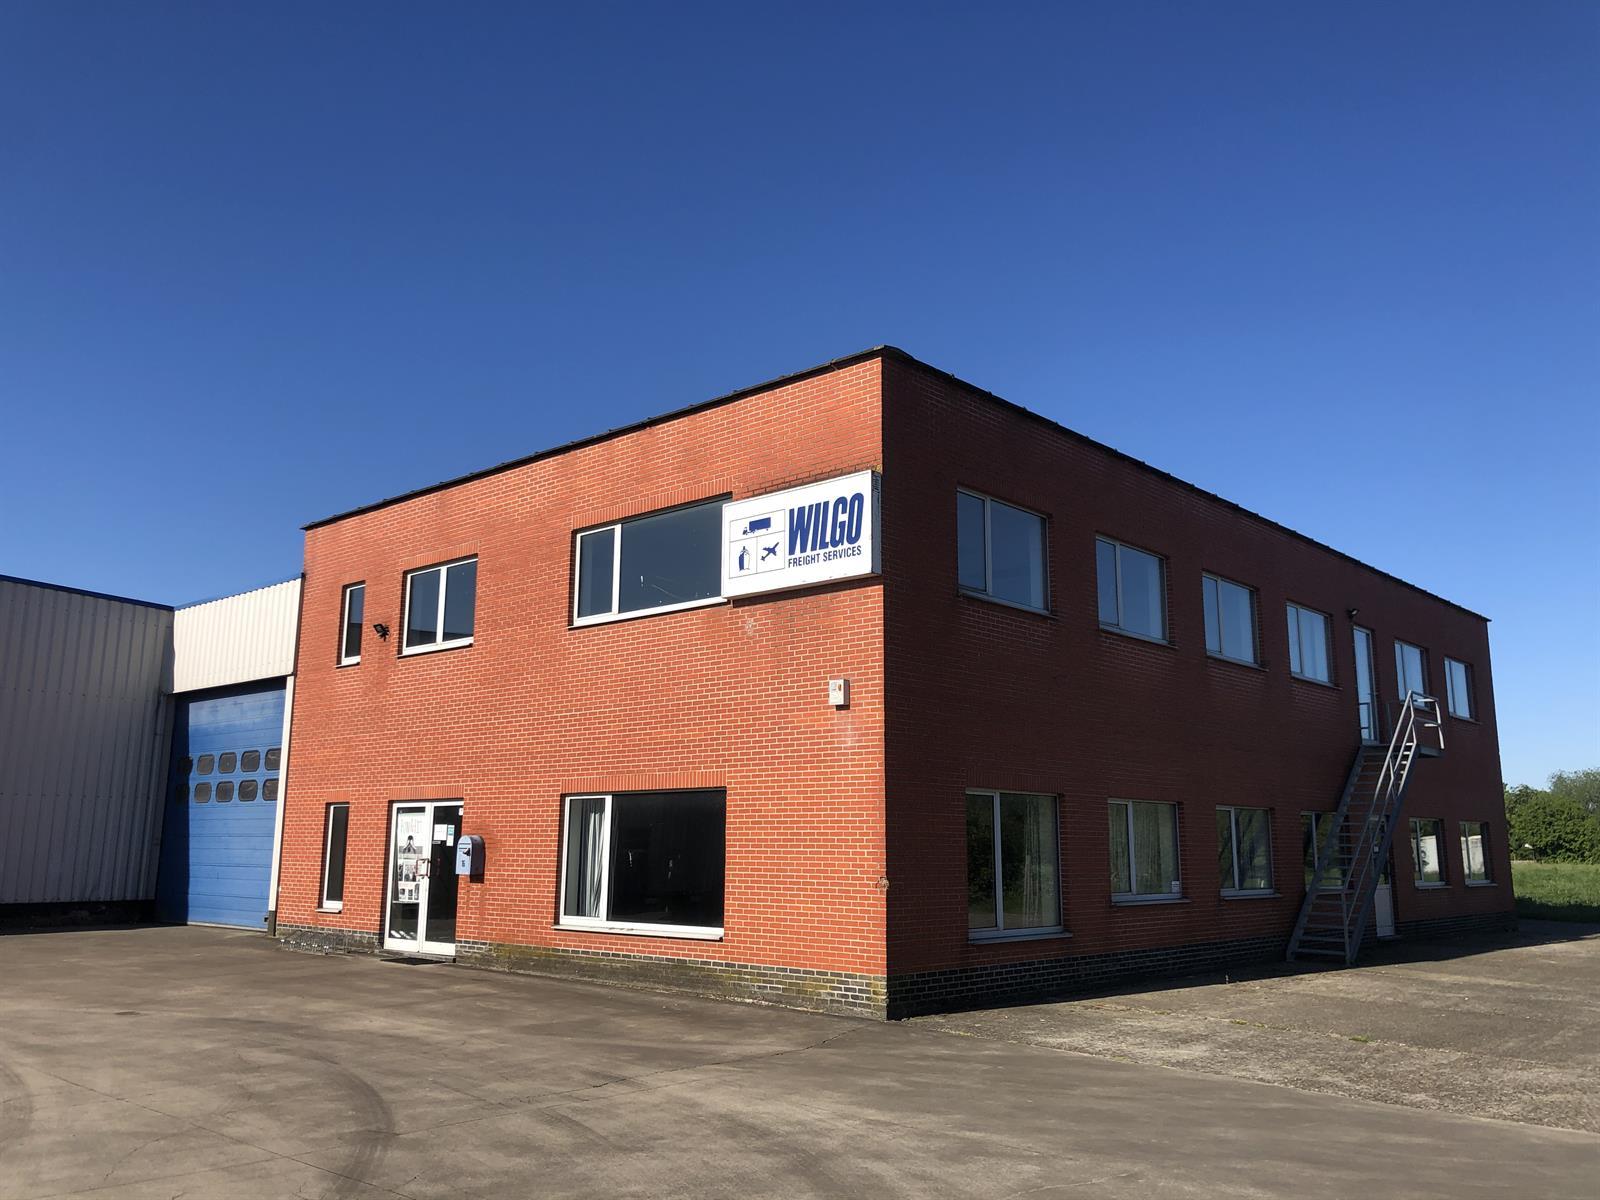 kantoor te huur I137 - Kantoor - Rollebeekstraat 16, 2160 Wommelgem, België 8